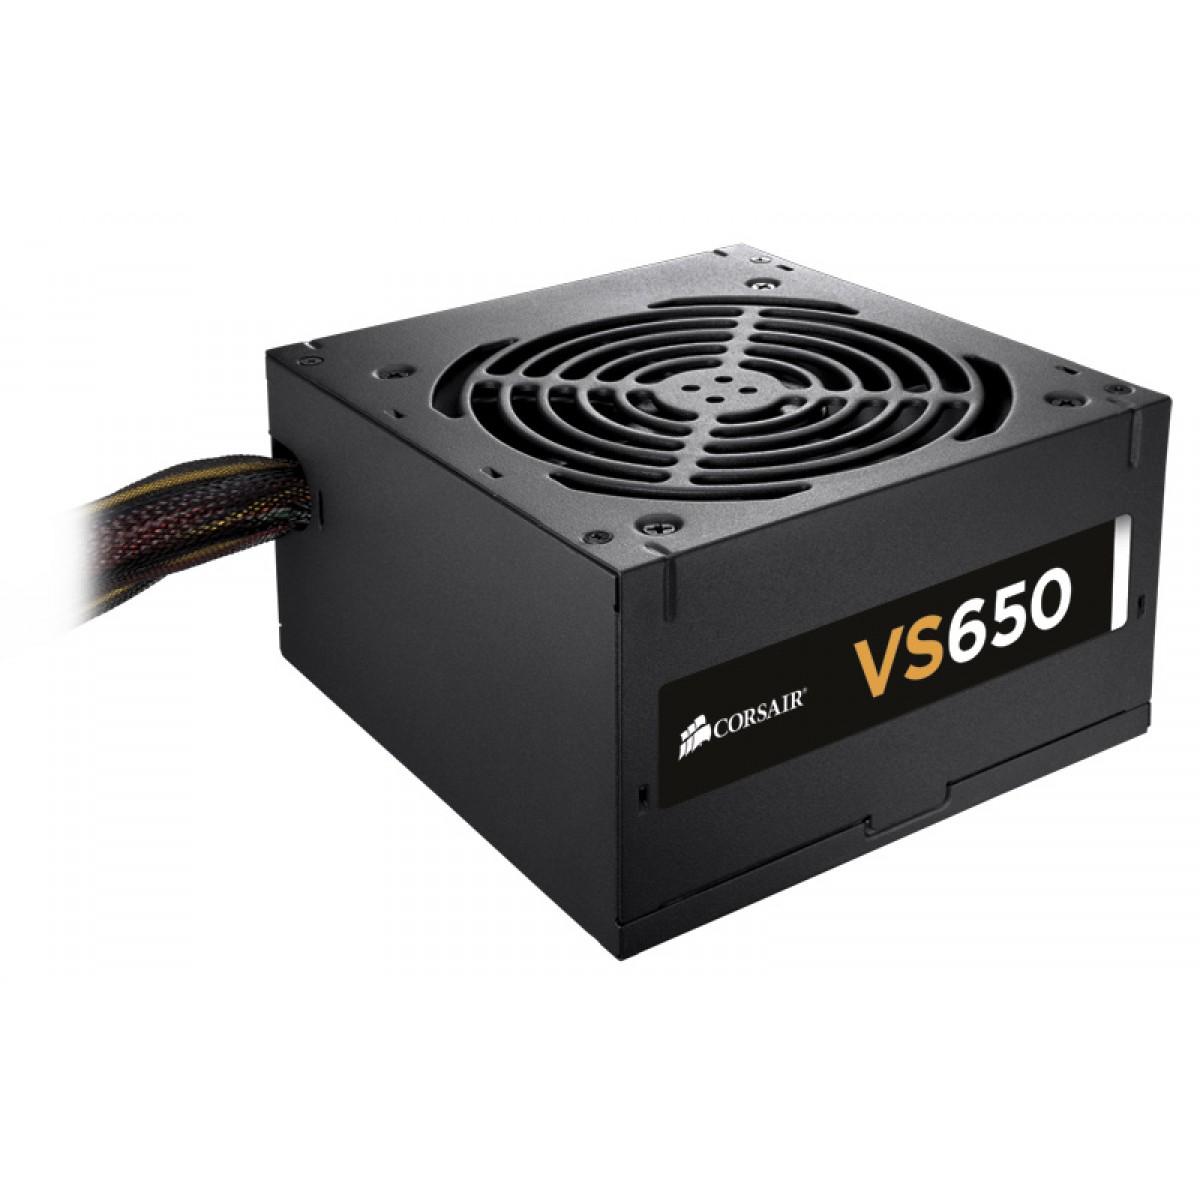 CORSAIR VS650 650W 80 PLUS Power Supply